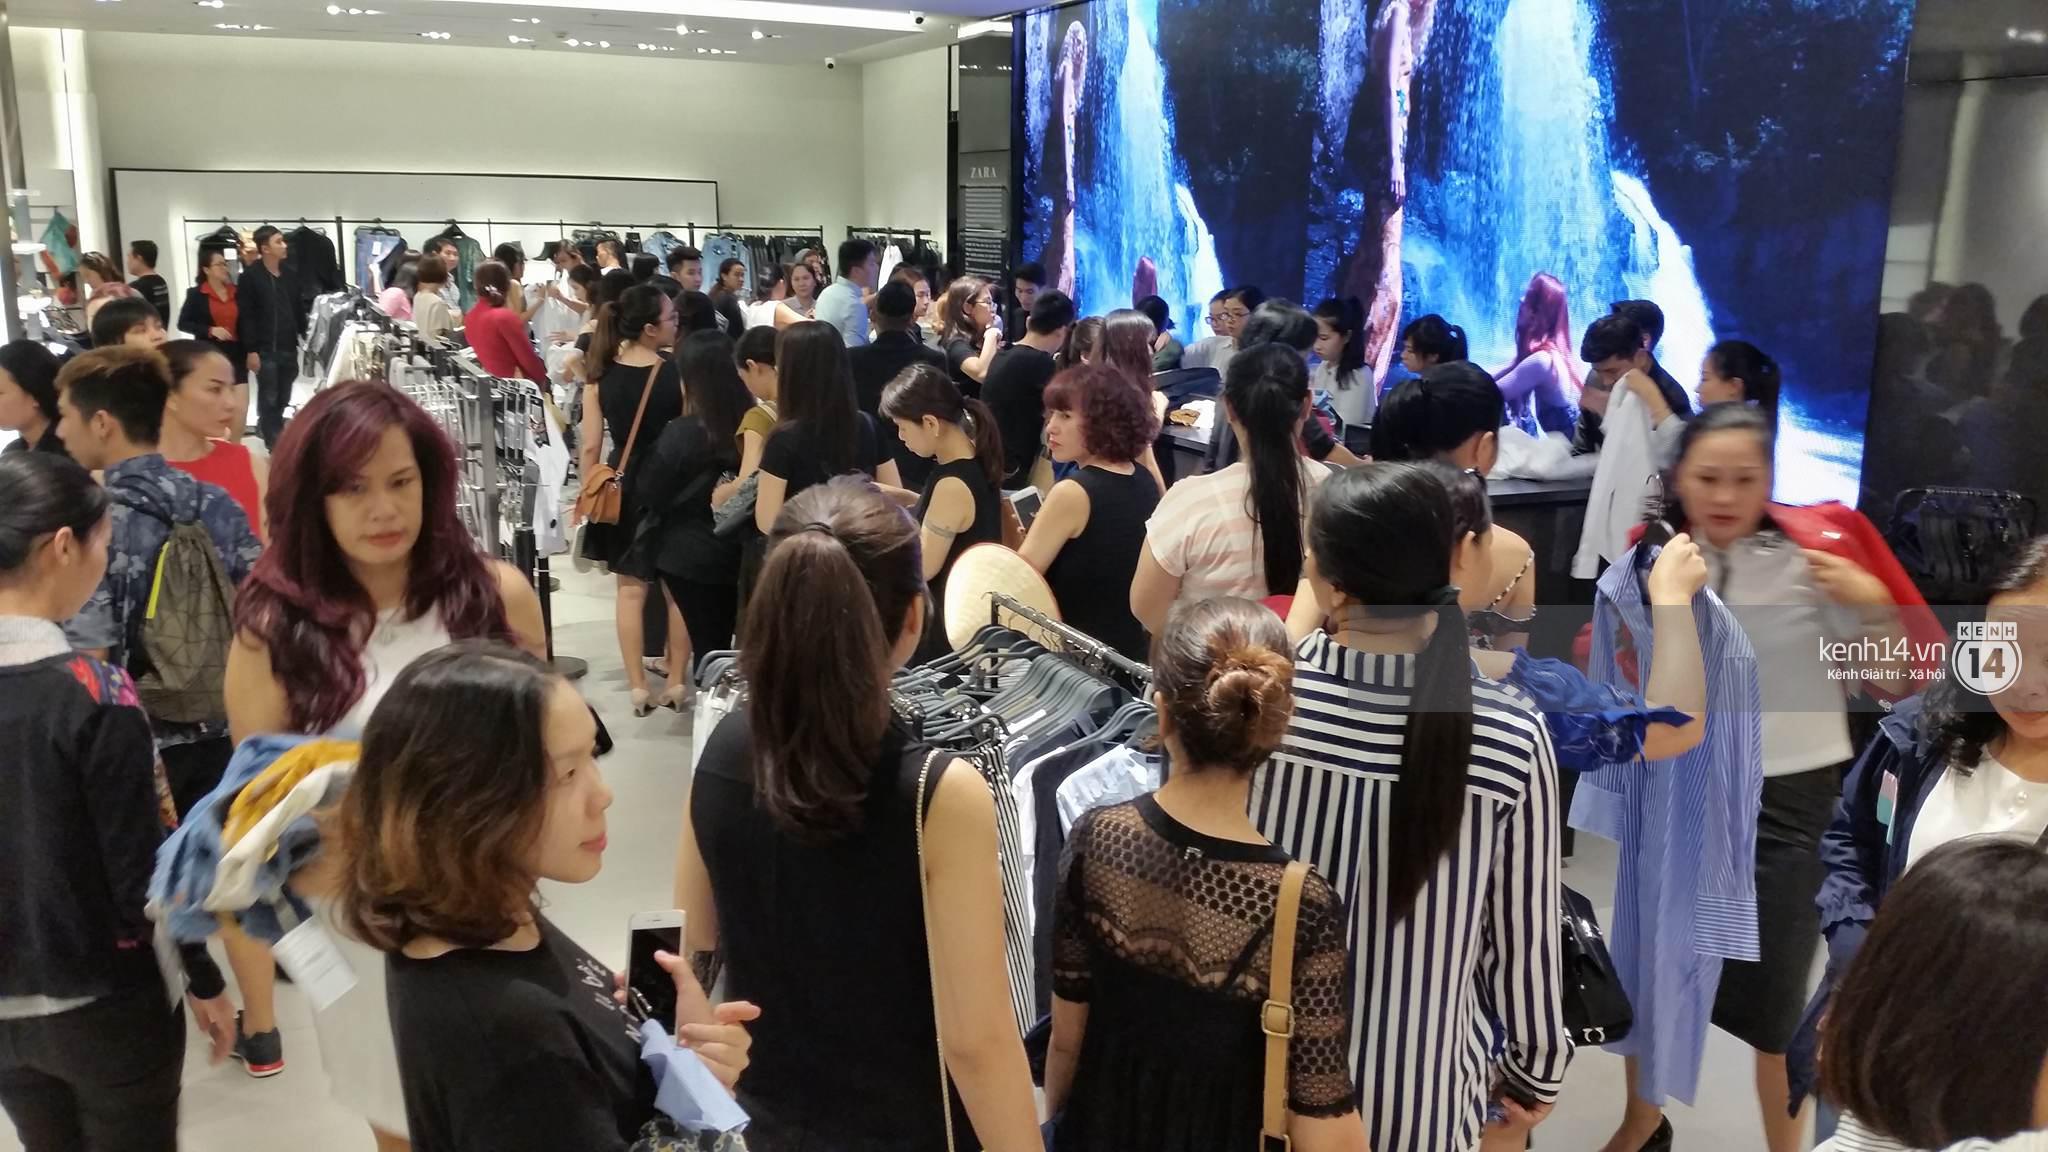 Gần đến giờ đóng cửa, store Zara Việt Nam vẫn đông nghịt, từng hàng dài chờ thanh toán hóa đơn cả chục triệu - Ảnh 7.